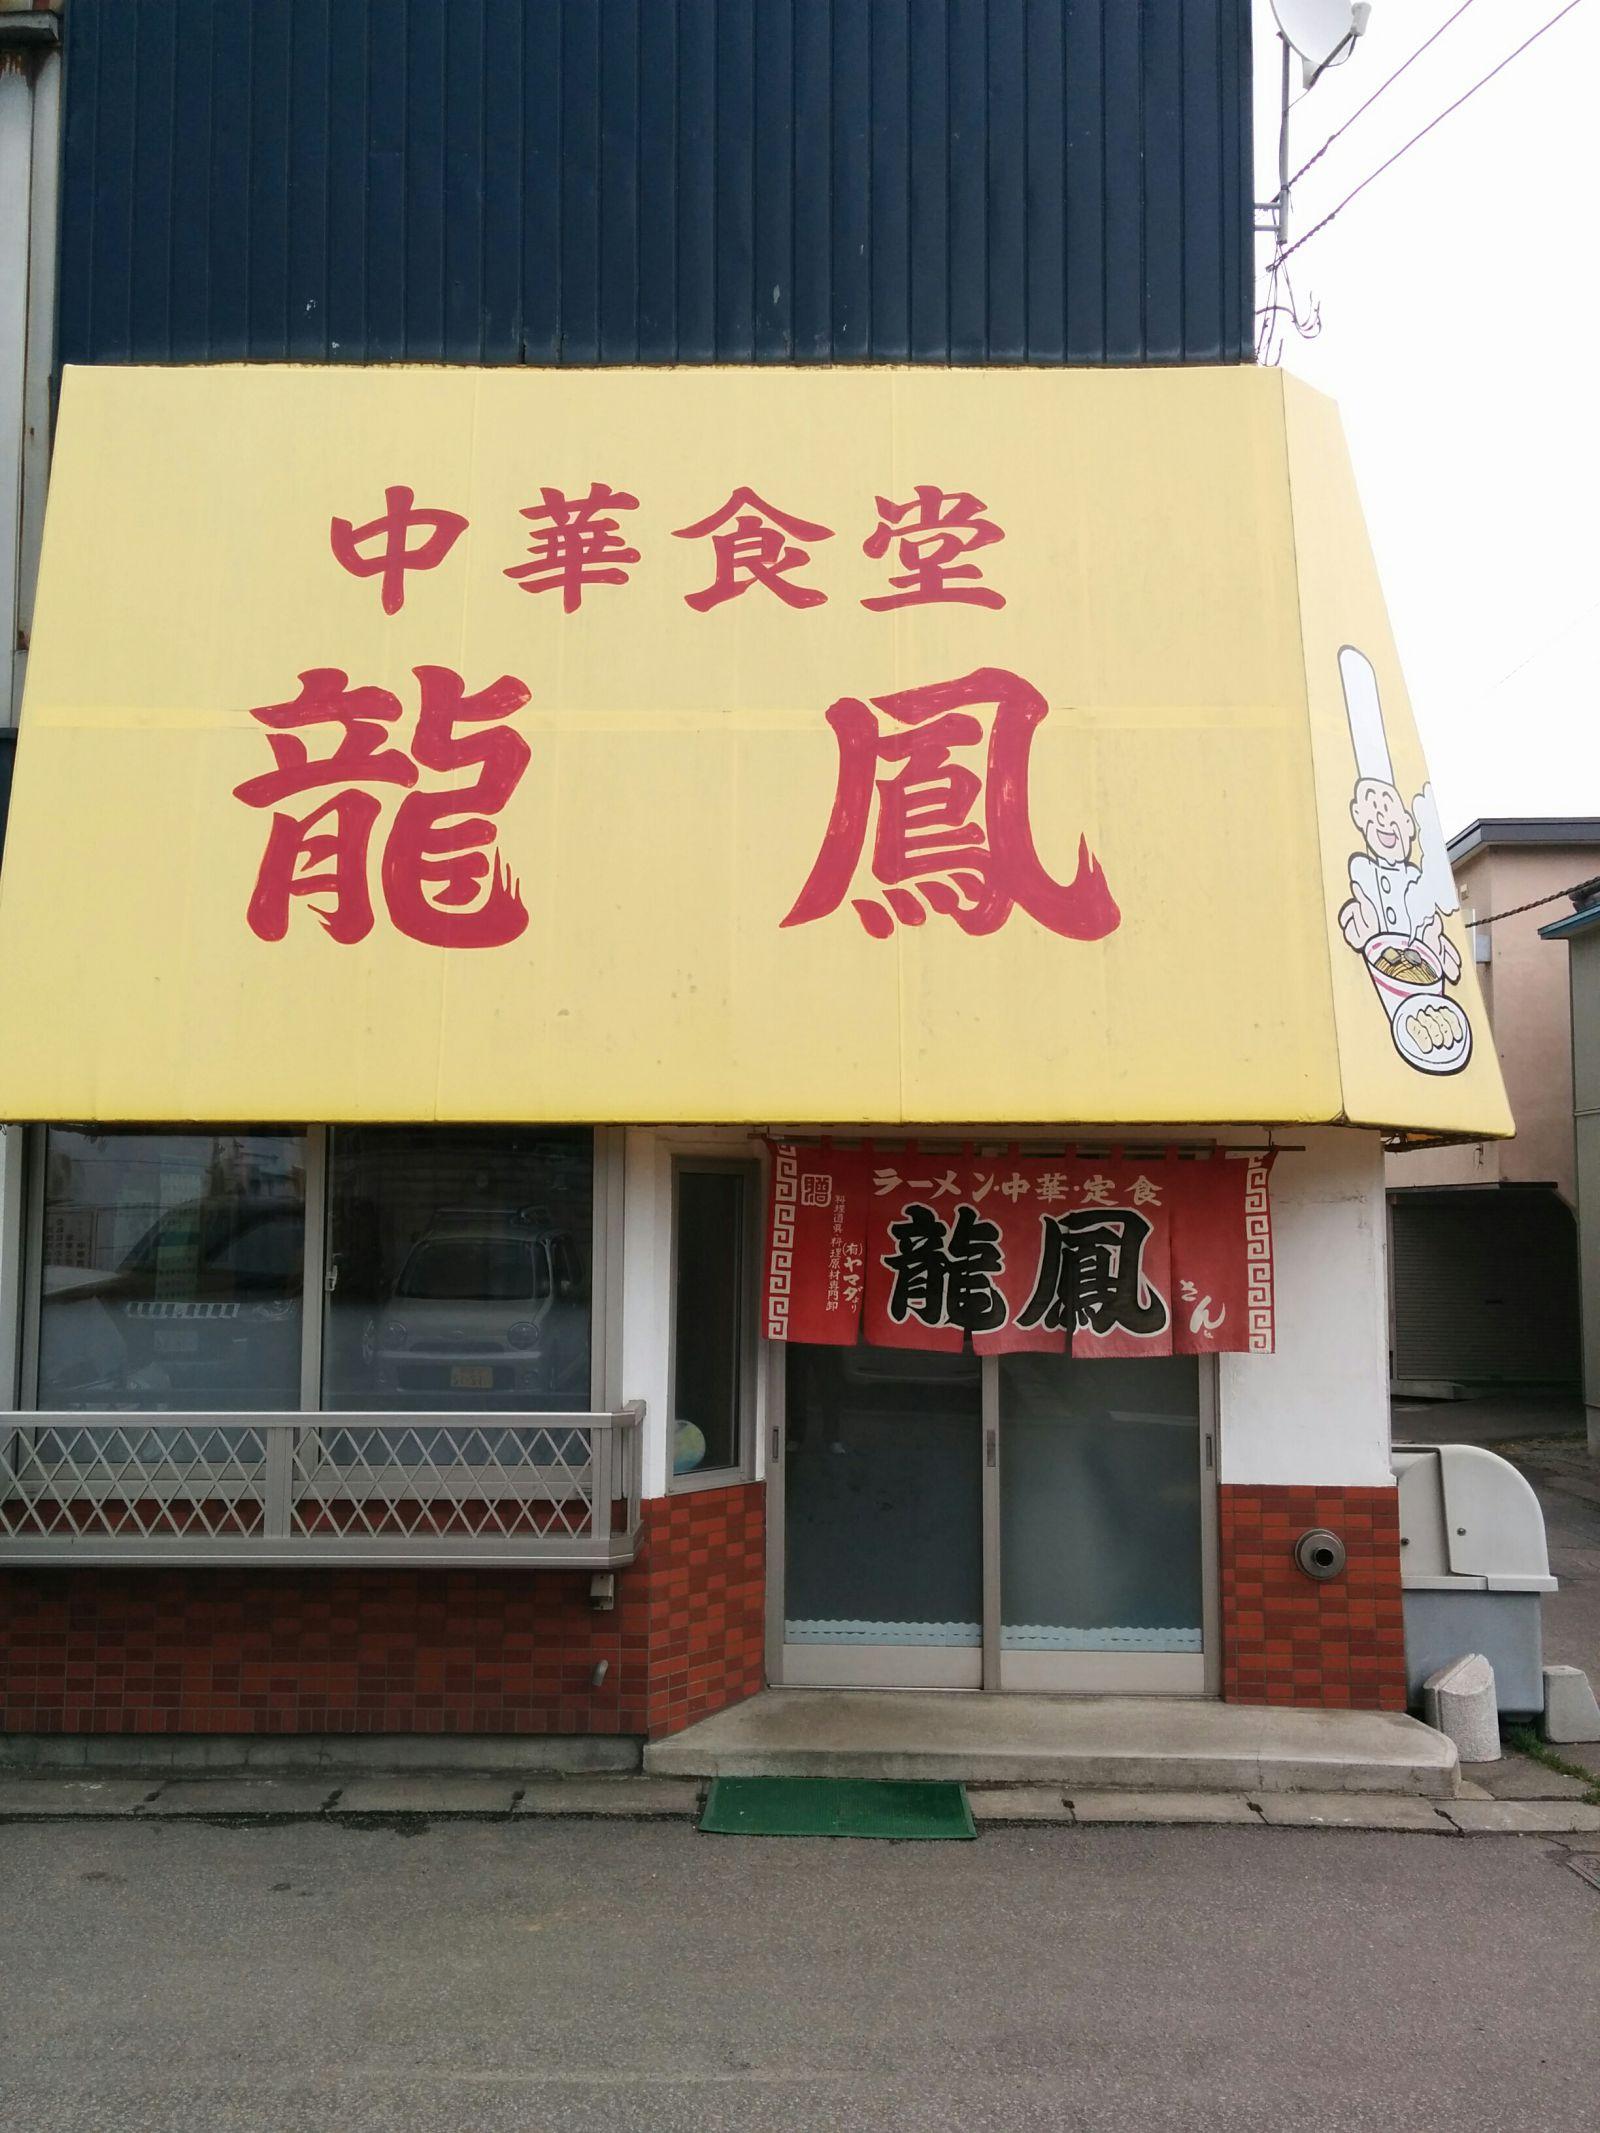 【小樽市】中華食堂・龍鳳観光グルメ案内です。